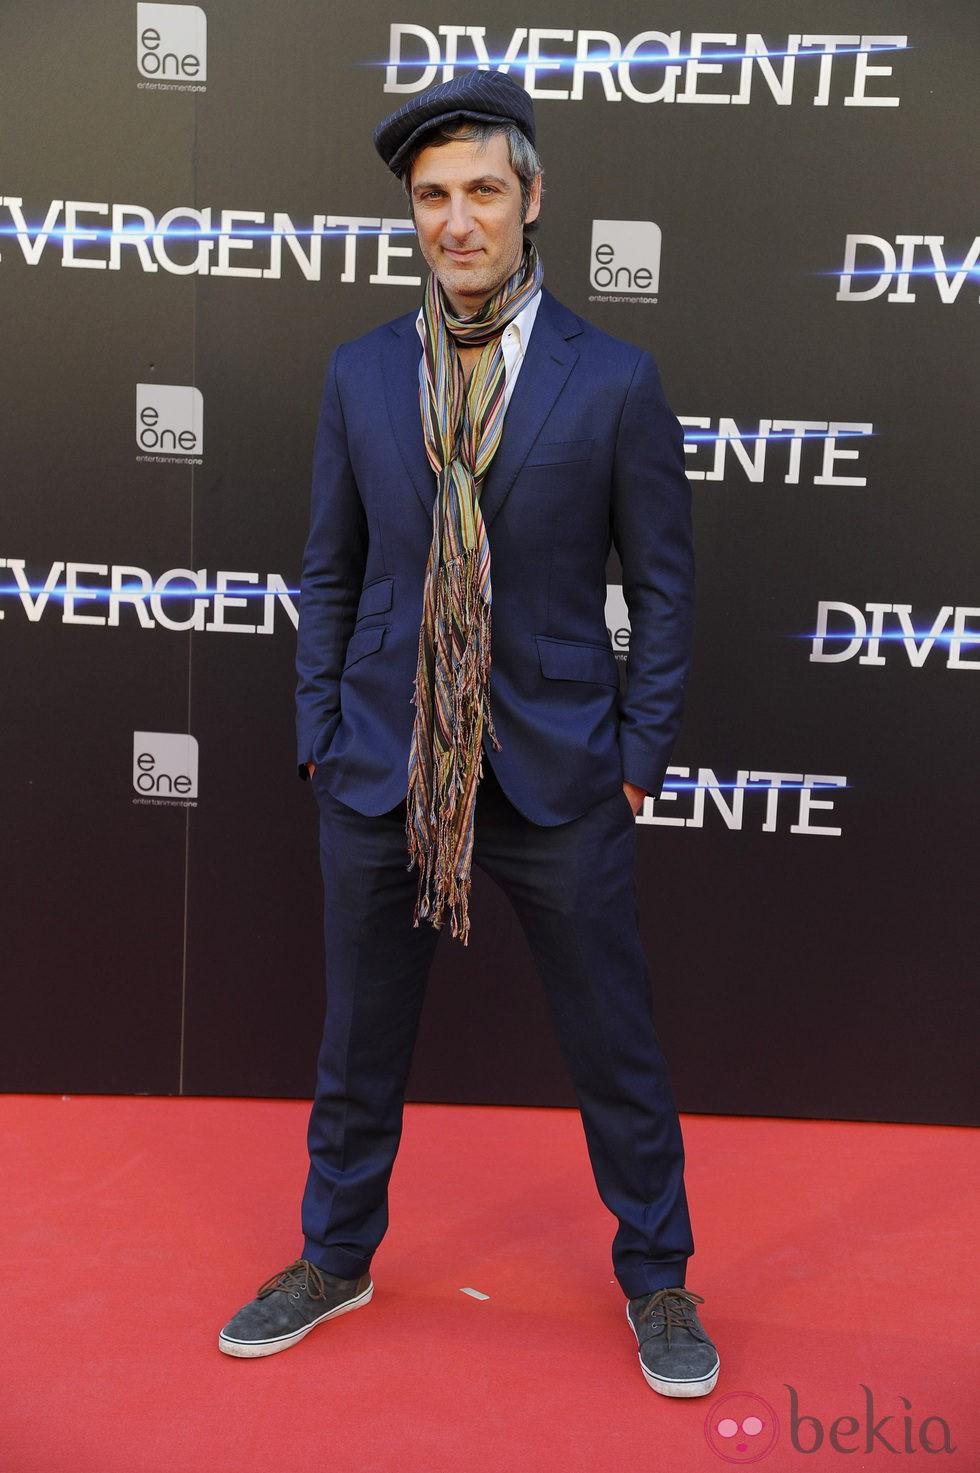 Ernesto Alterio en el estreno de 'Divergente' en Madrid